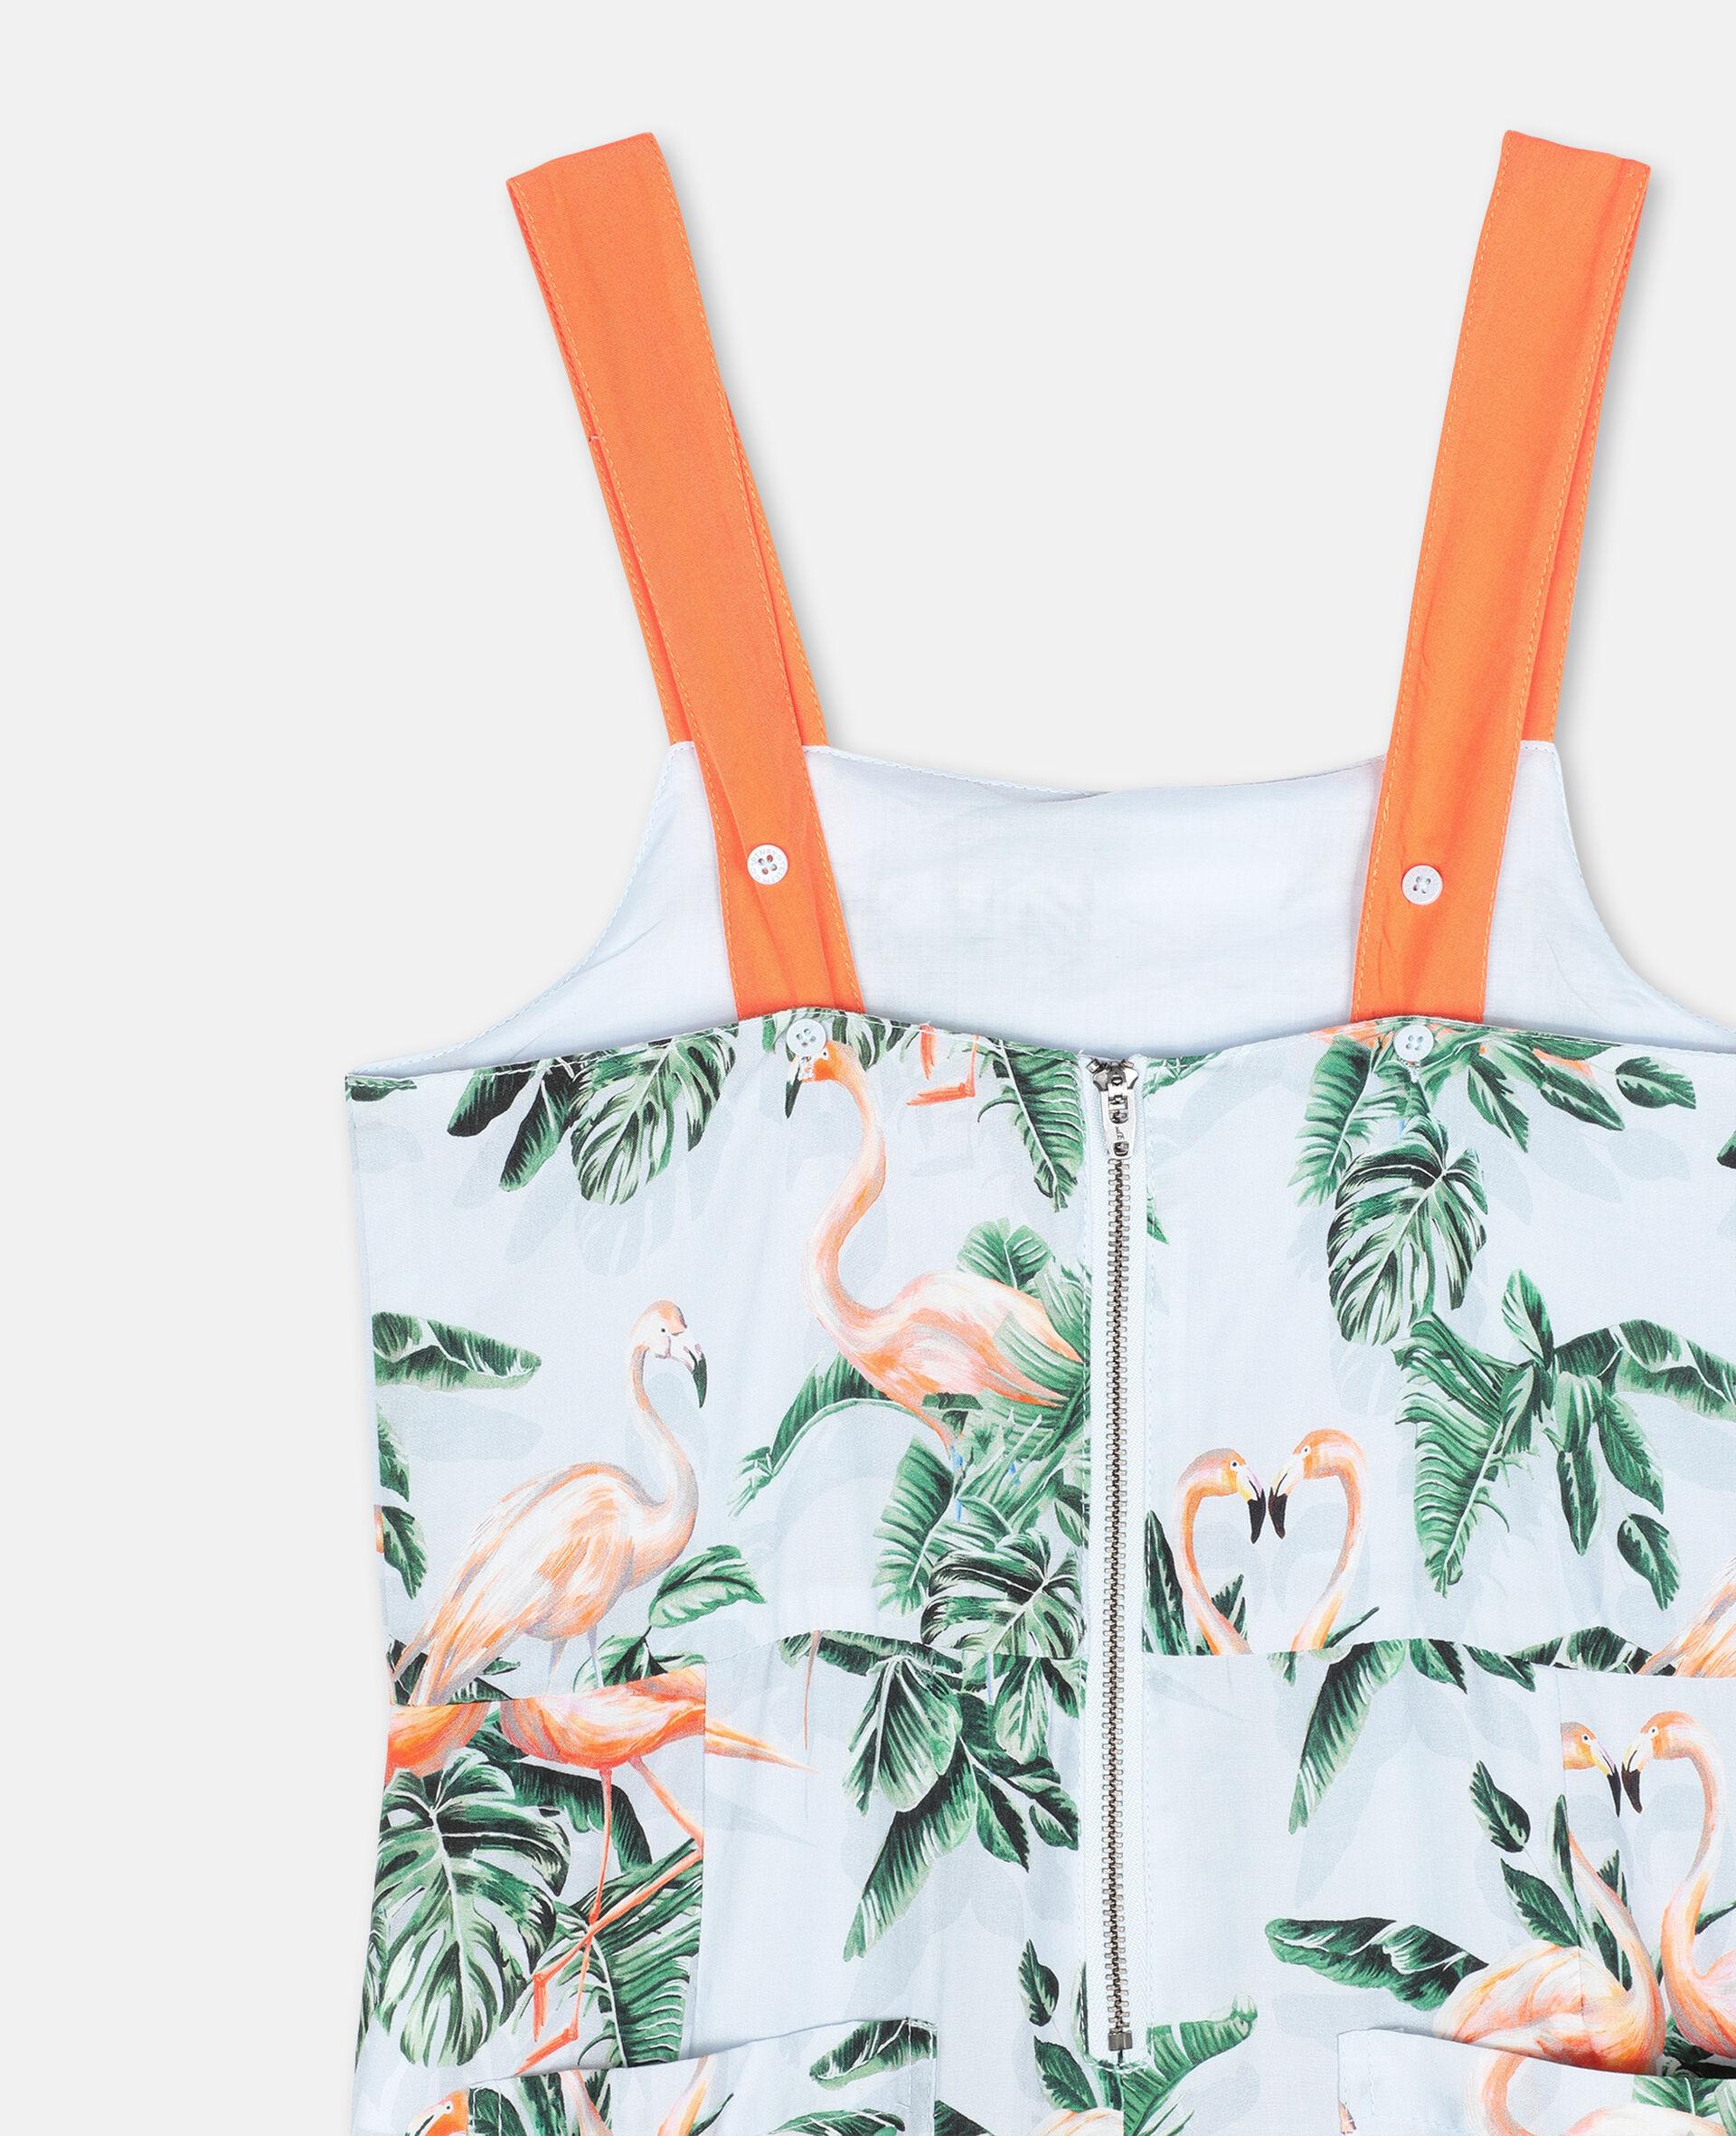 Painty Flamingo粘胶纤维连体衣-绿色-large image number 2